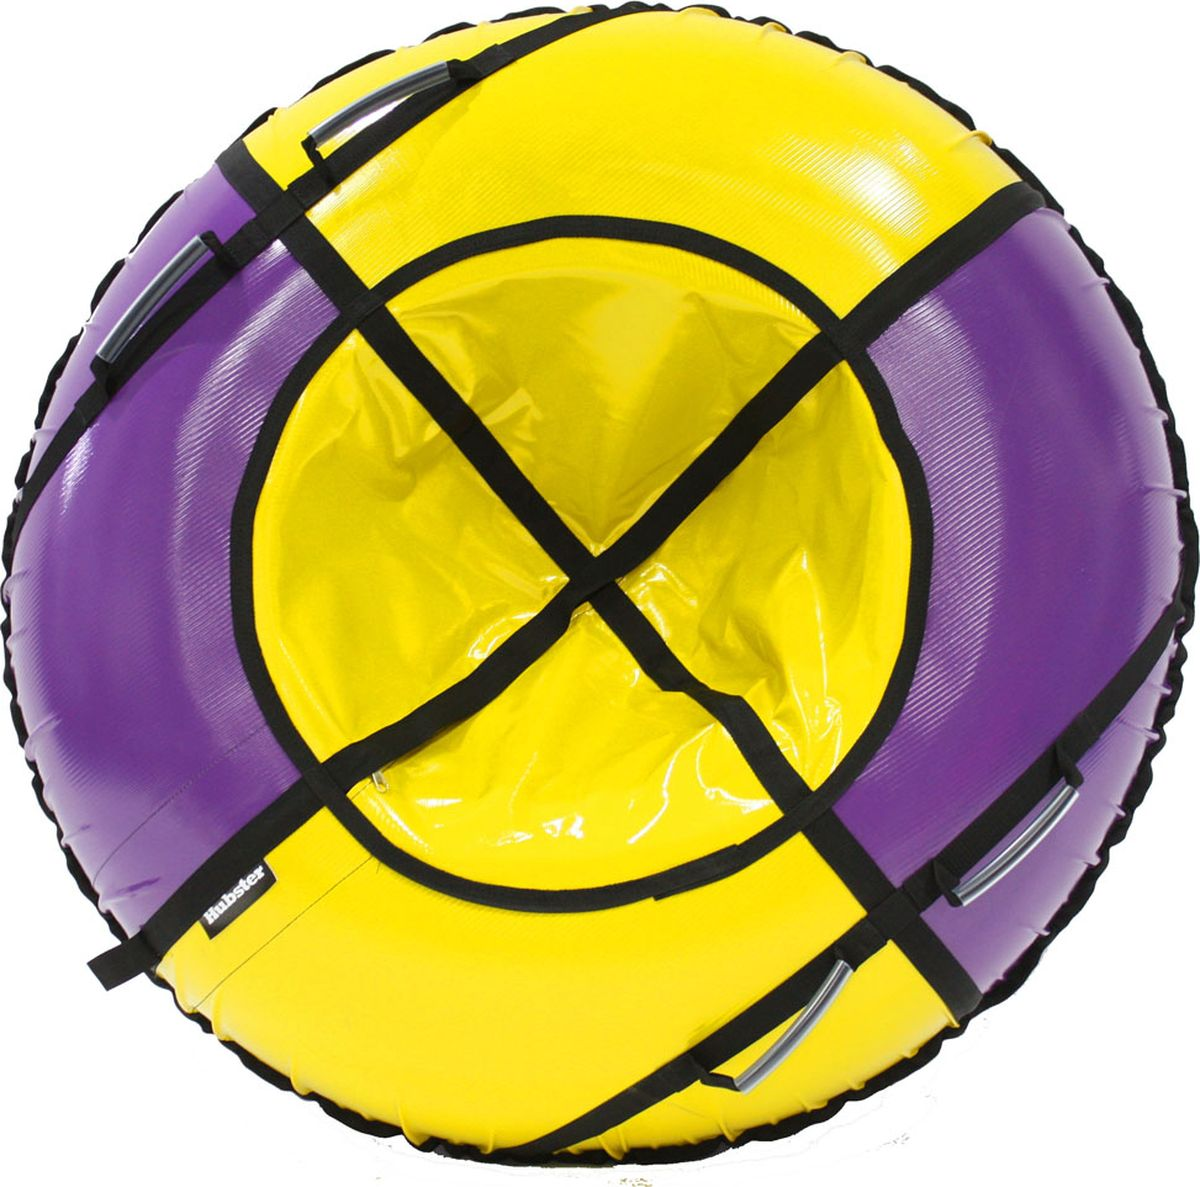 Тюбинг Hubster Sport Plus, цвет: фиолетовый, желтый, диаметр 90 смво4186-3Любимая детская зимняя забава - это кататься с горки. А катание на тюбинге надолго запомнится вам и вашим близким. Свежий воздух, веселая компания, веселые развлечения - эти моменты вы будете вспоминать еще долгое время. Материал верха - ПВХ армированный, плотность 650 г/м.Материал дна - ПВХ (усиленная скользкая ткань), плотность 650 г/м.Диаметр в сдутом виде - 90 см.Диаметр в надутом виде - 79 см.Ручки усиленные (нашиты на дополнительную стропу).Кол-во ручек - 90 см - 2 шт. Молния скрытая, на сиденье.Крепление троса - наружная петля.Длина троса - 1 метр.Нагрузка - 90 см - до 80 кг.Комплект поставки - ватрушка, трос, камера.Тюбинг не предназначен для буксировки механическими или транспортными средствами (подъемники, канатные дороги, лебедки, автомобиль, снегоход, квадроцикл и т.д.)